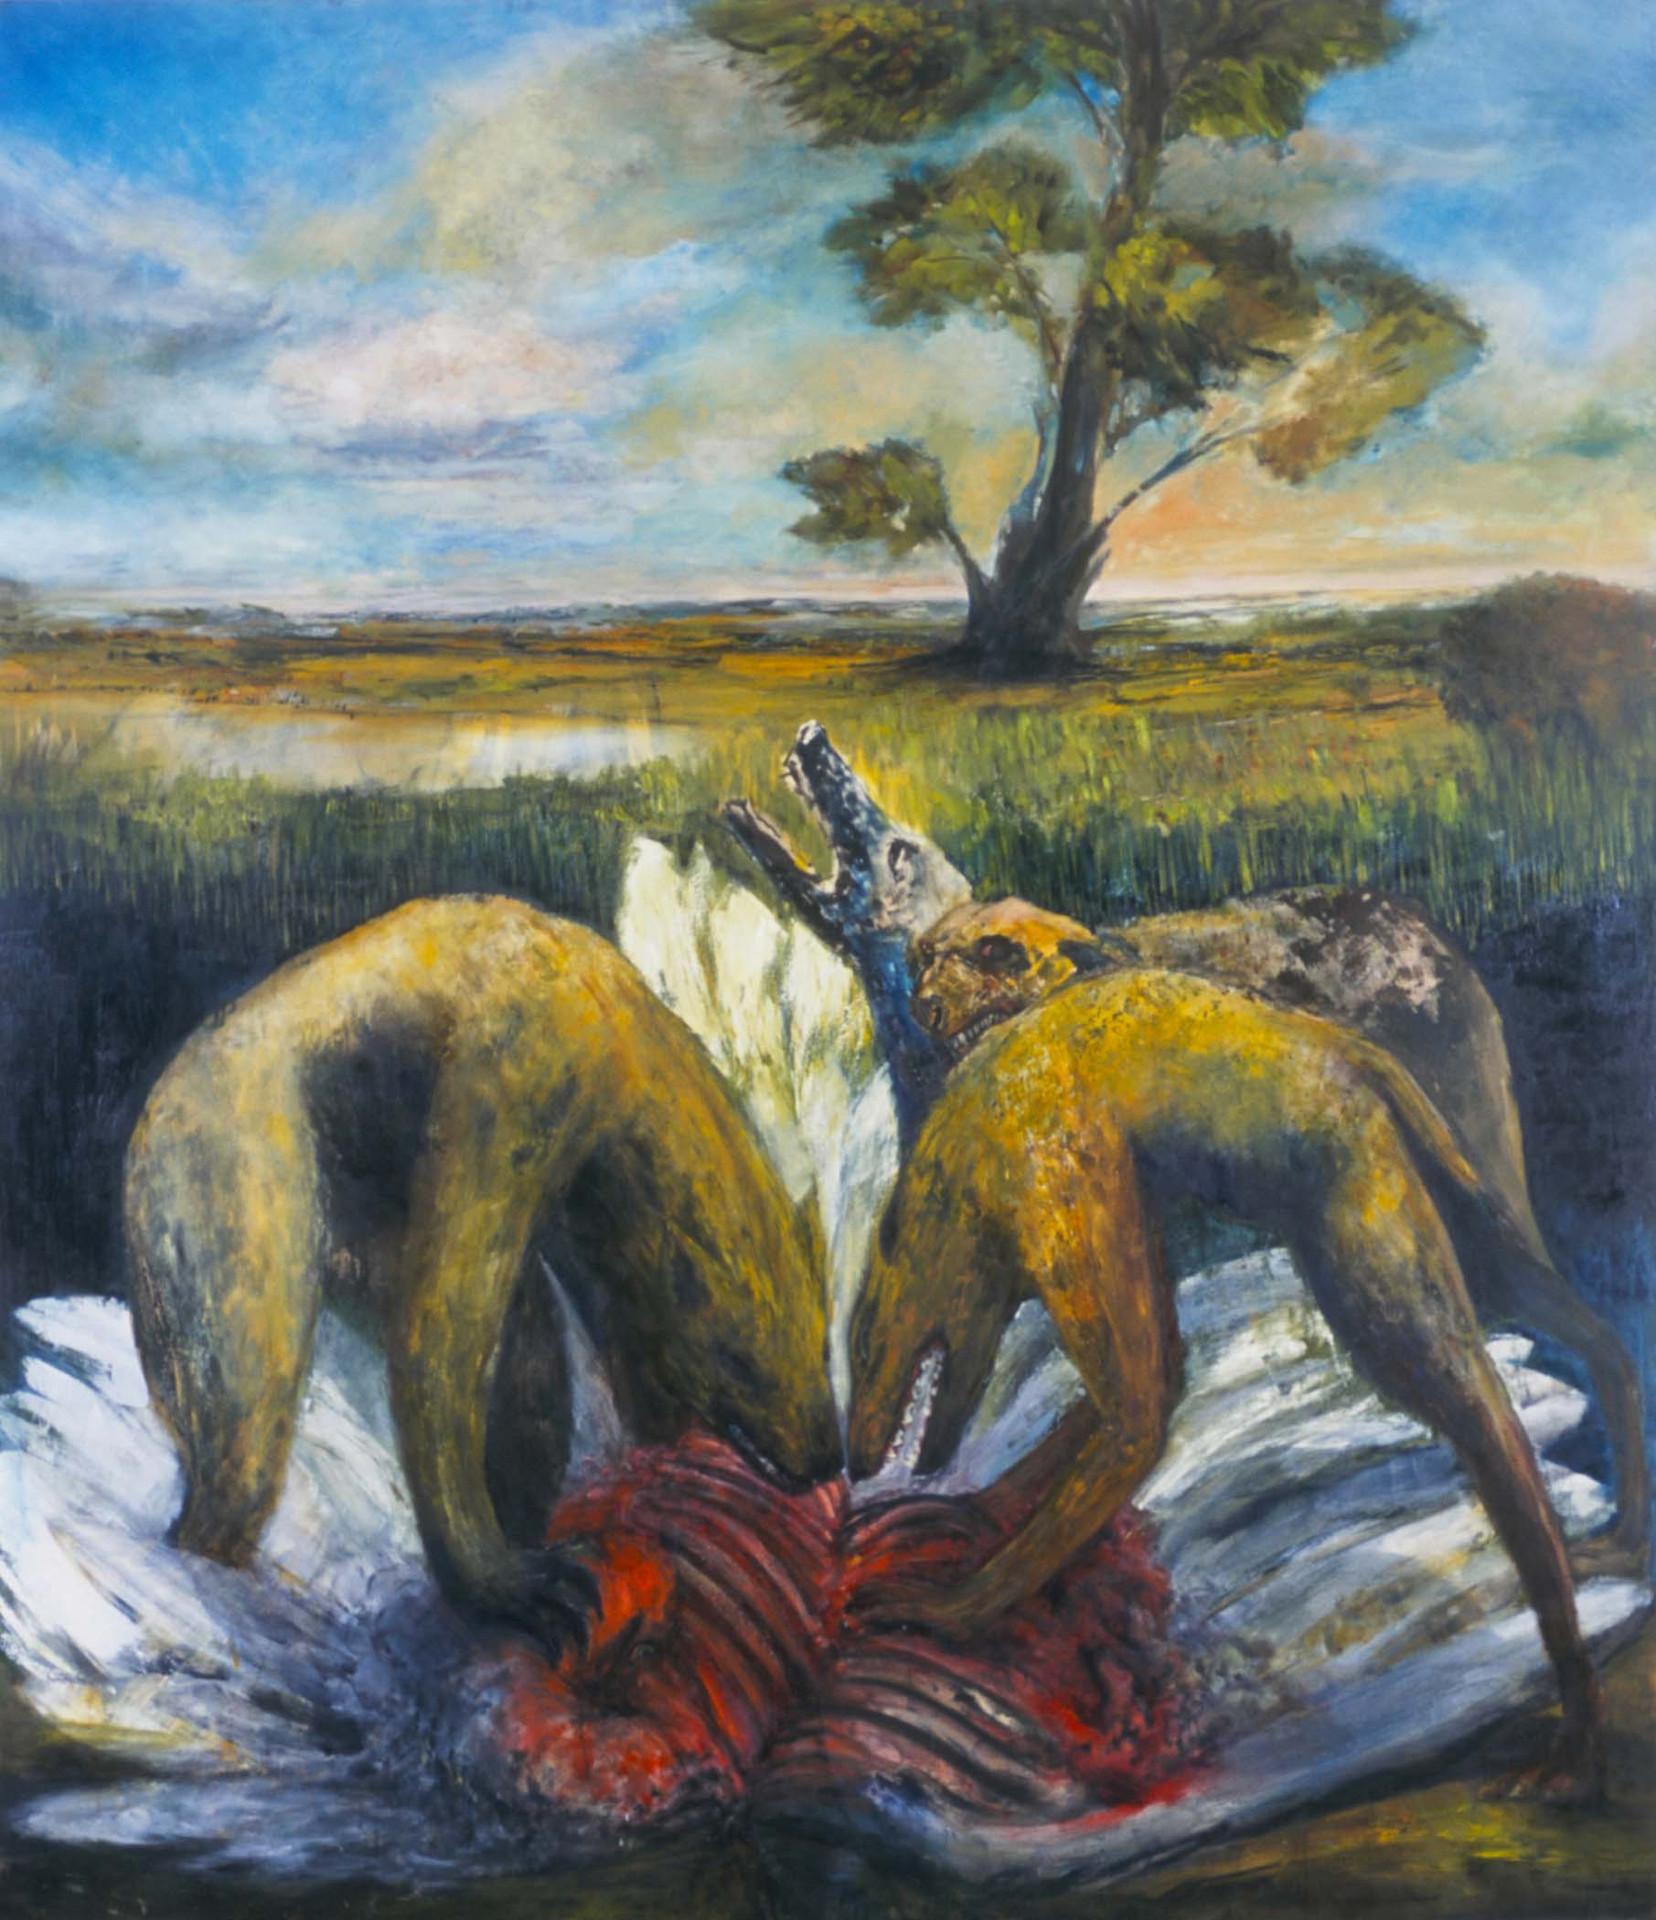 """JOSEPH SIDDIQI """"Marauders II"""" oil on canvas 96 x 84 in. / 244 x 213 cm"""